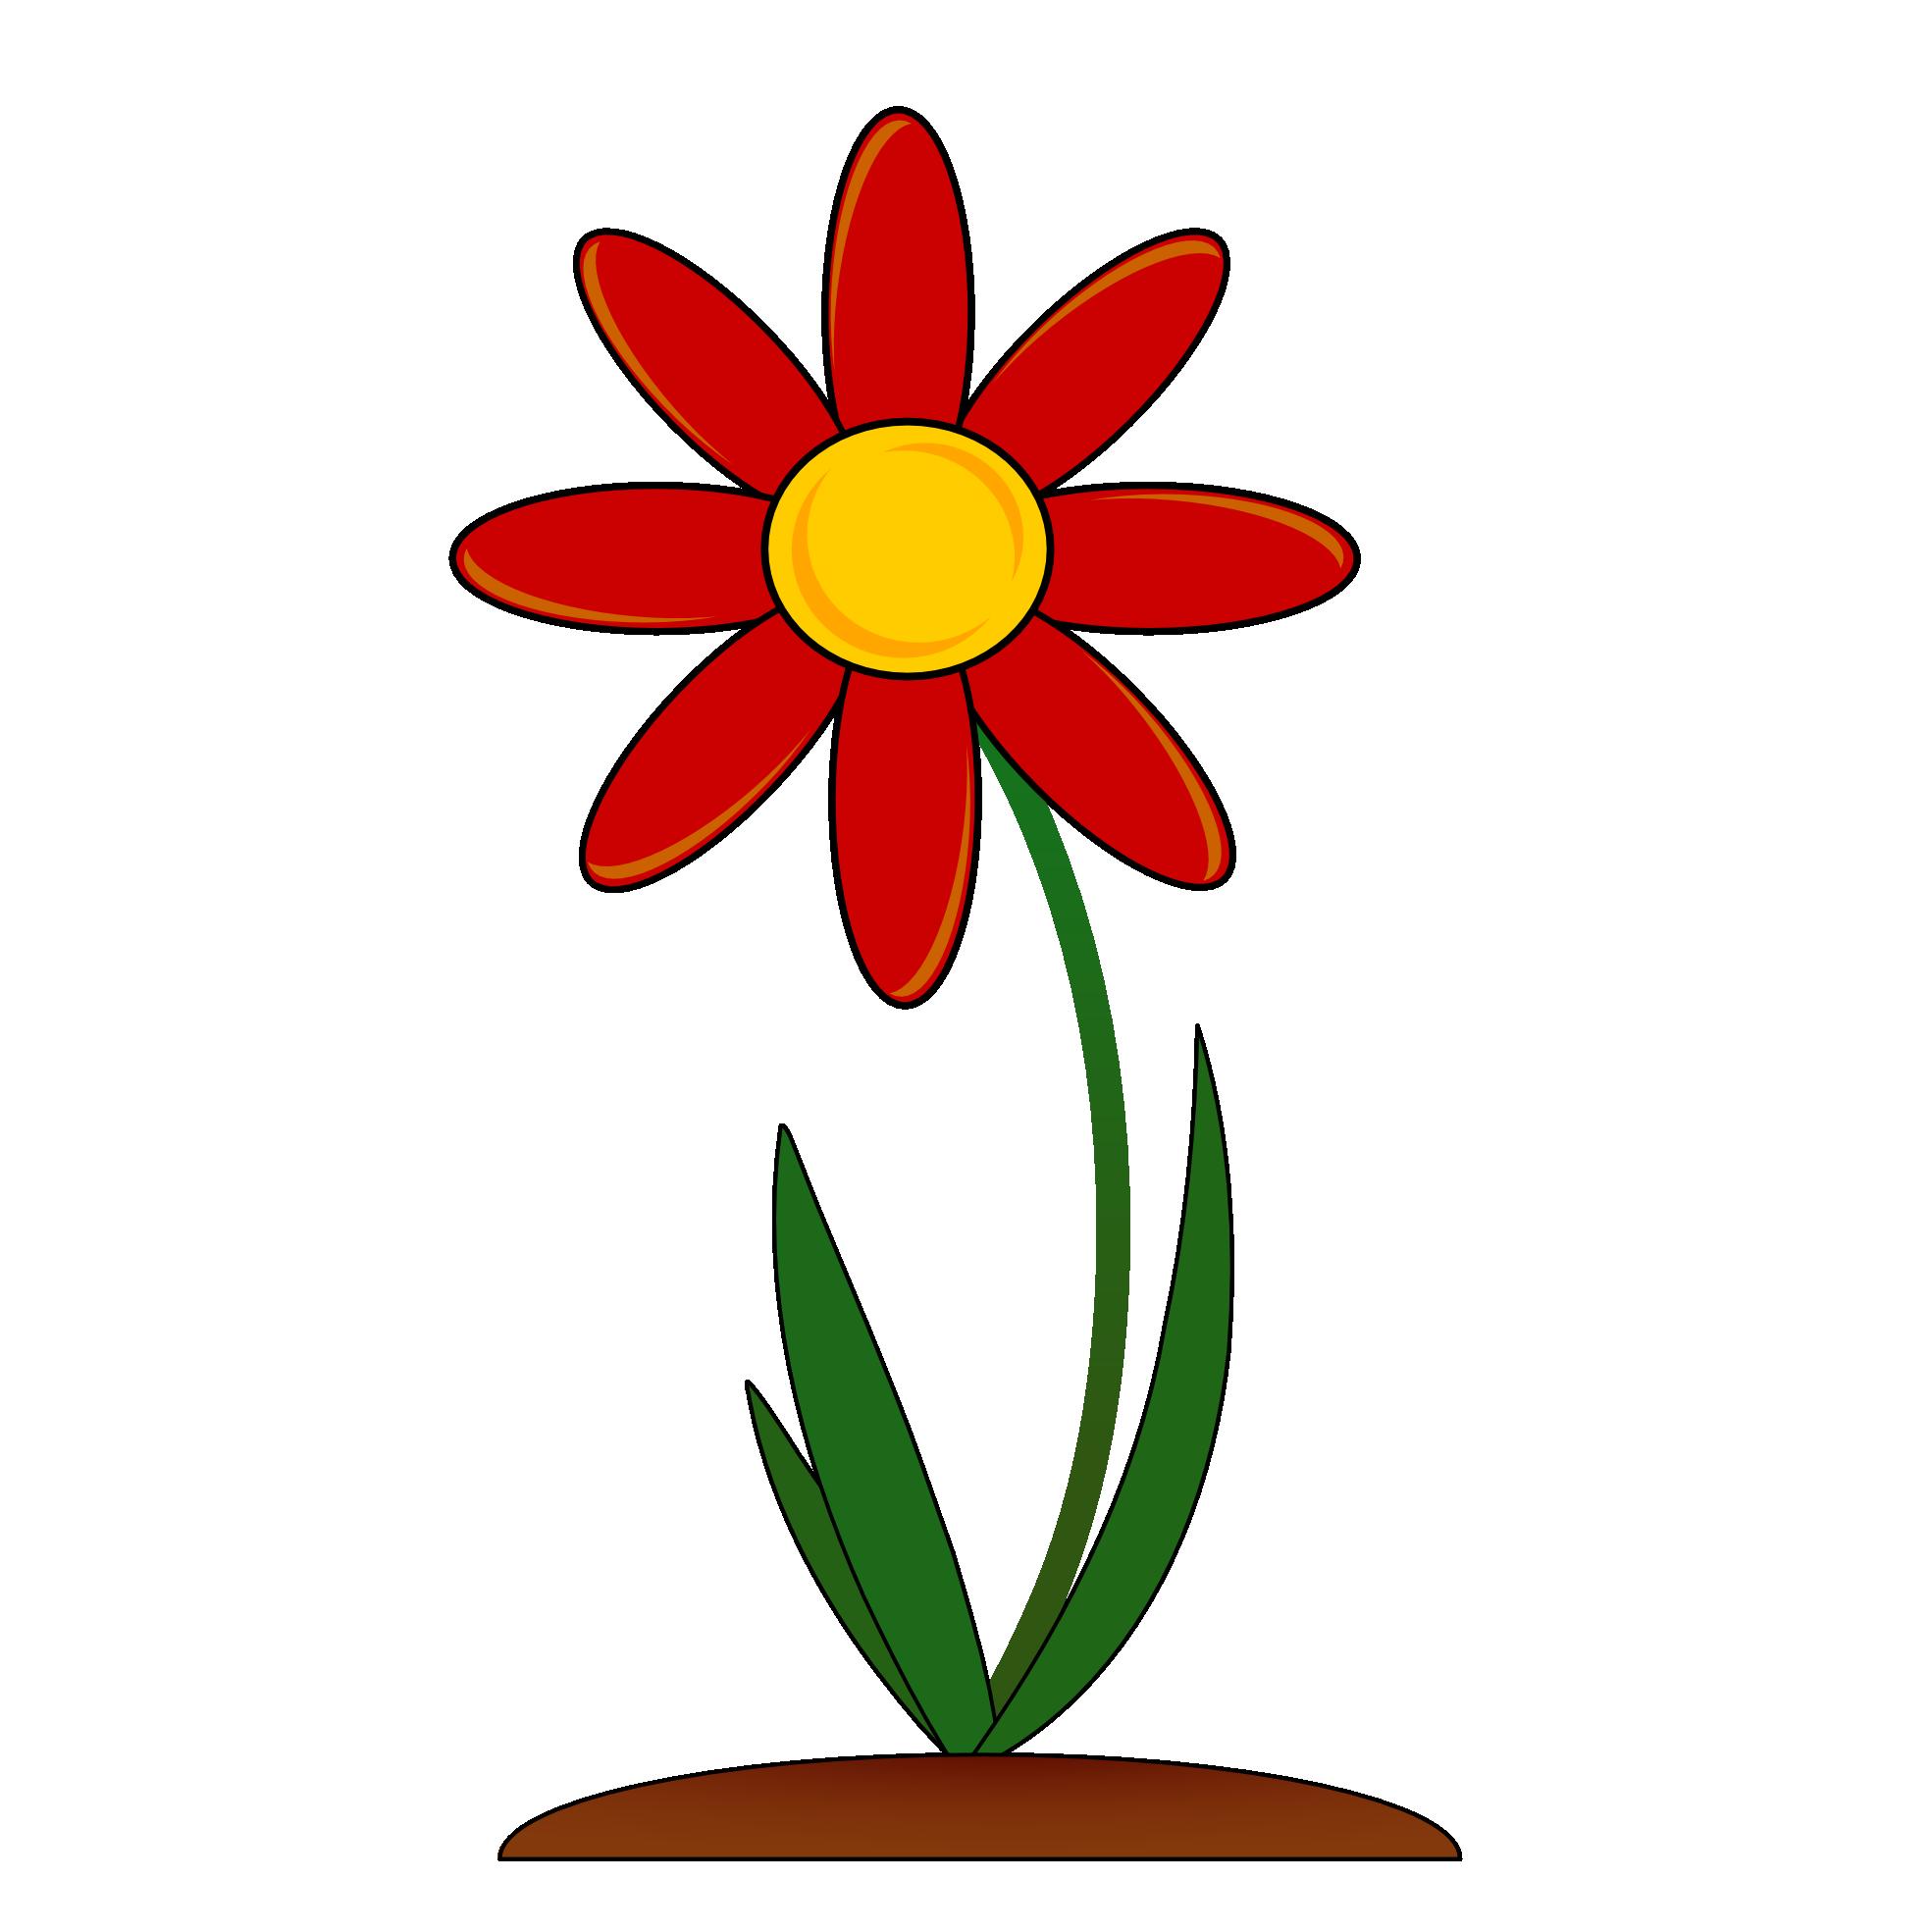 Jasmine Flower Clipart Free Download Best Jasmine Flower Clipart